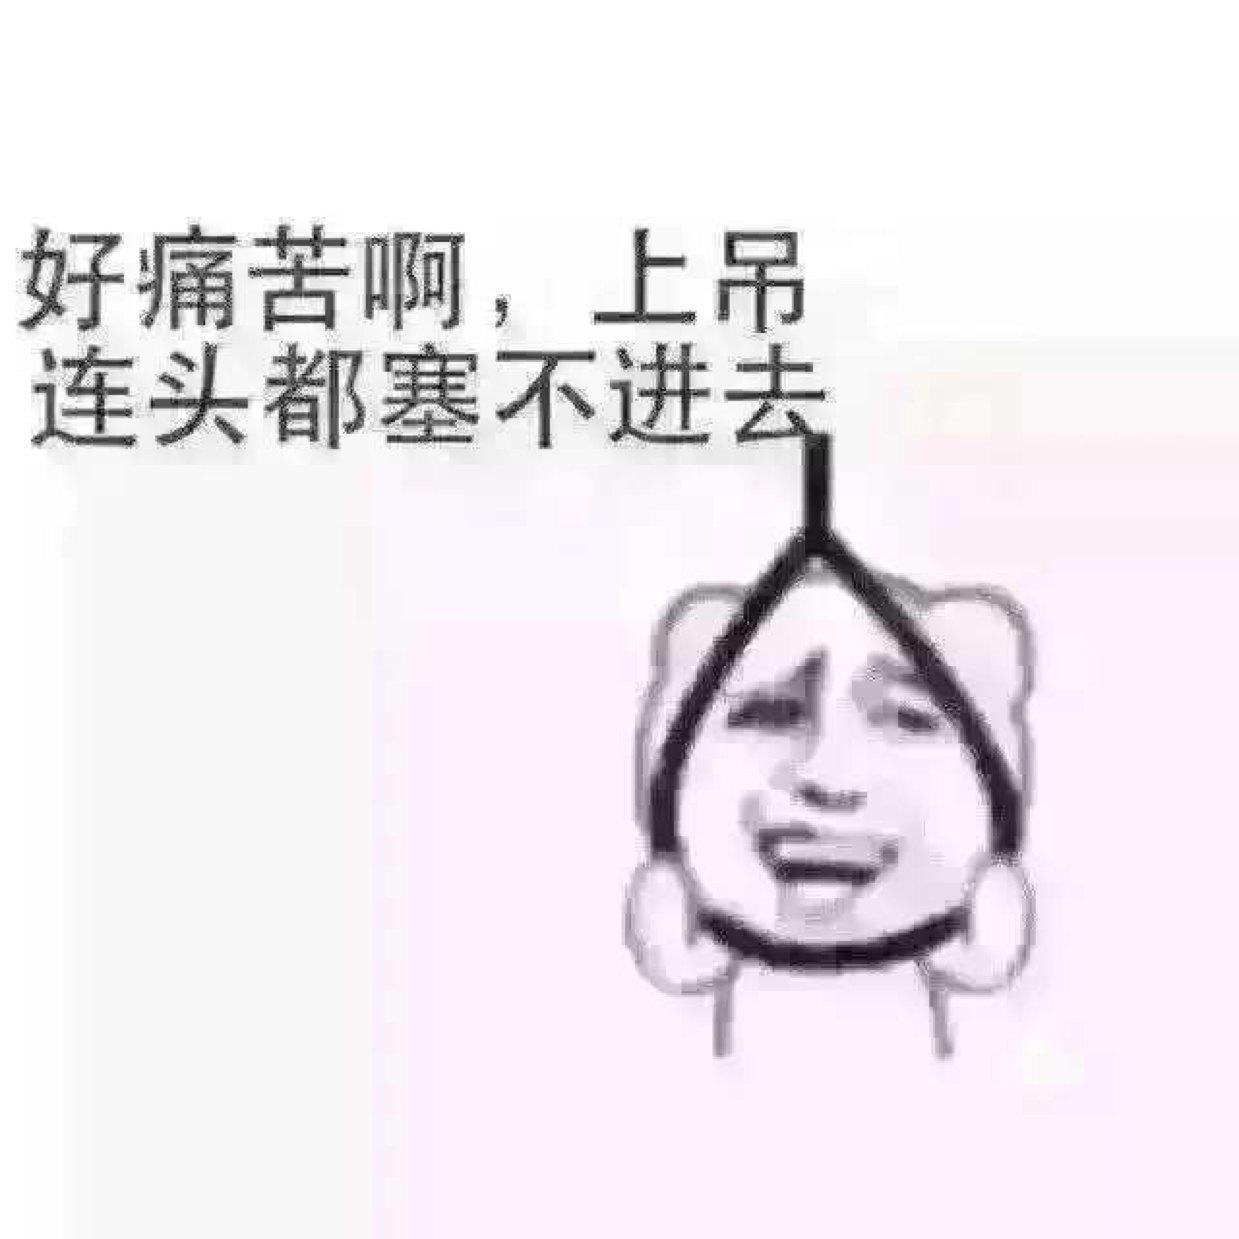 痛苦van分 - VAN哲学 - 斗图表情包 - 金馆长表... - doutula.com